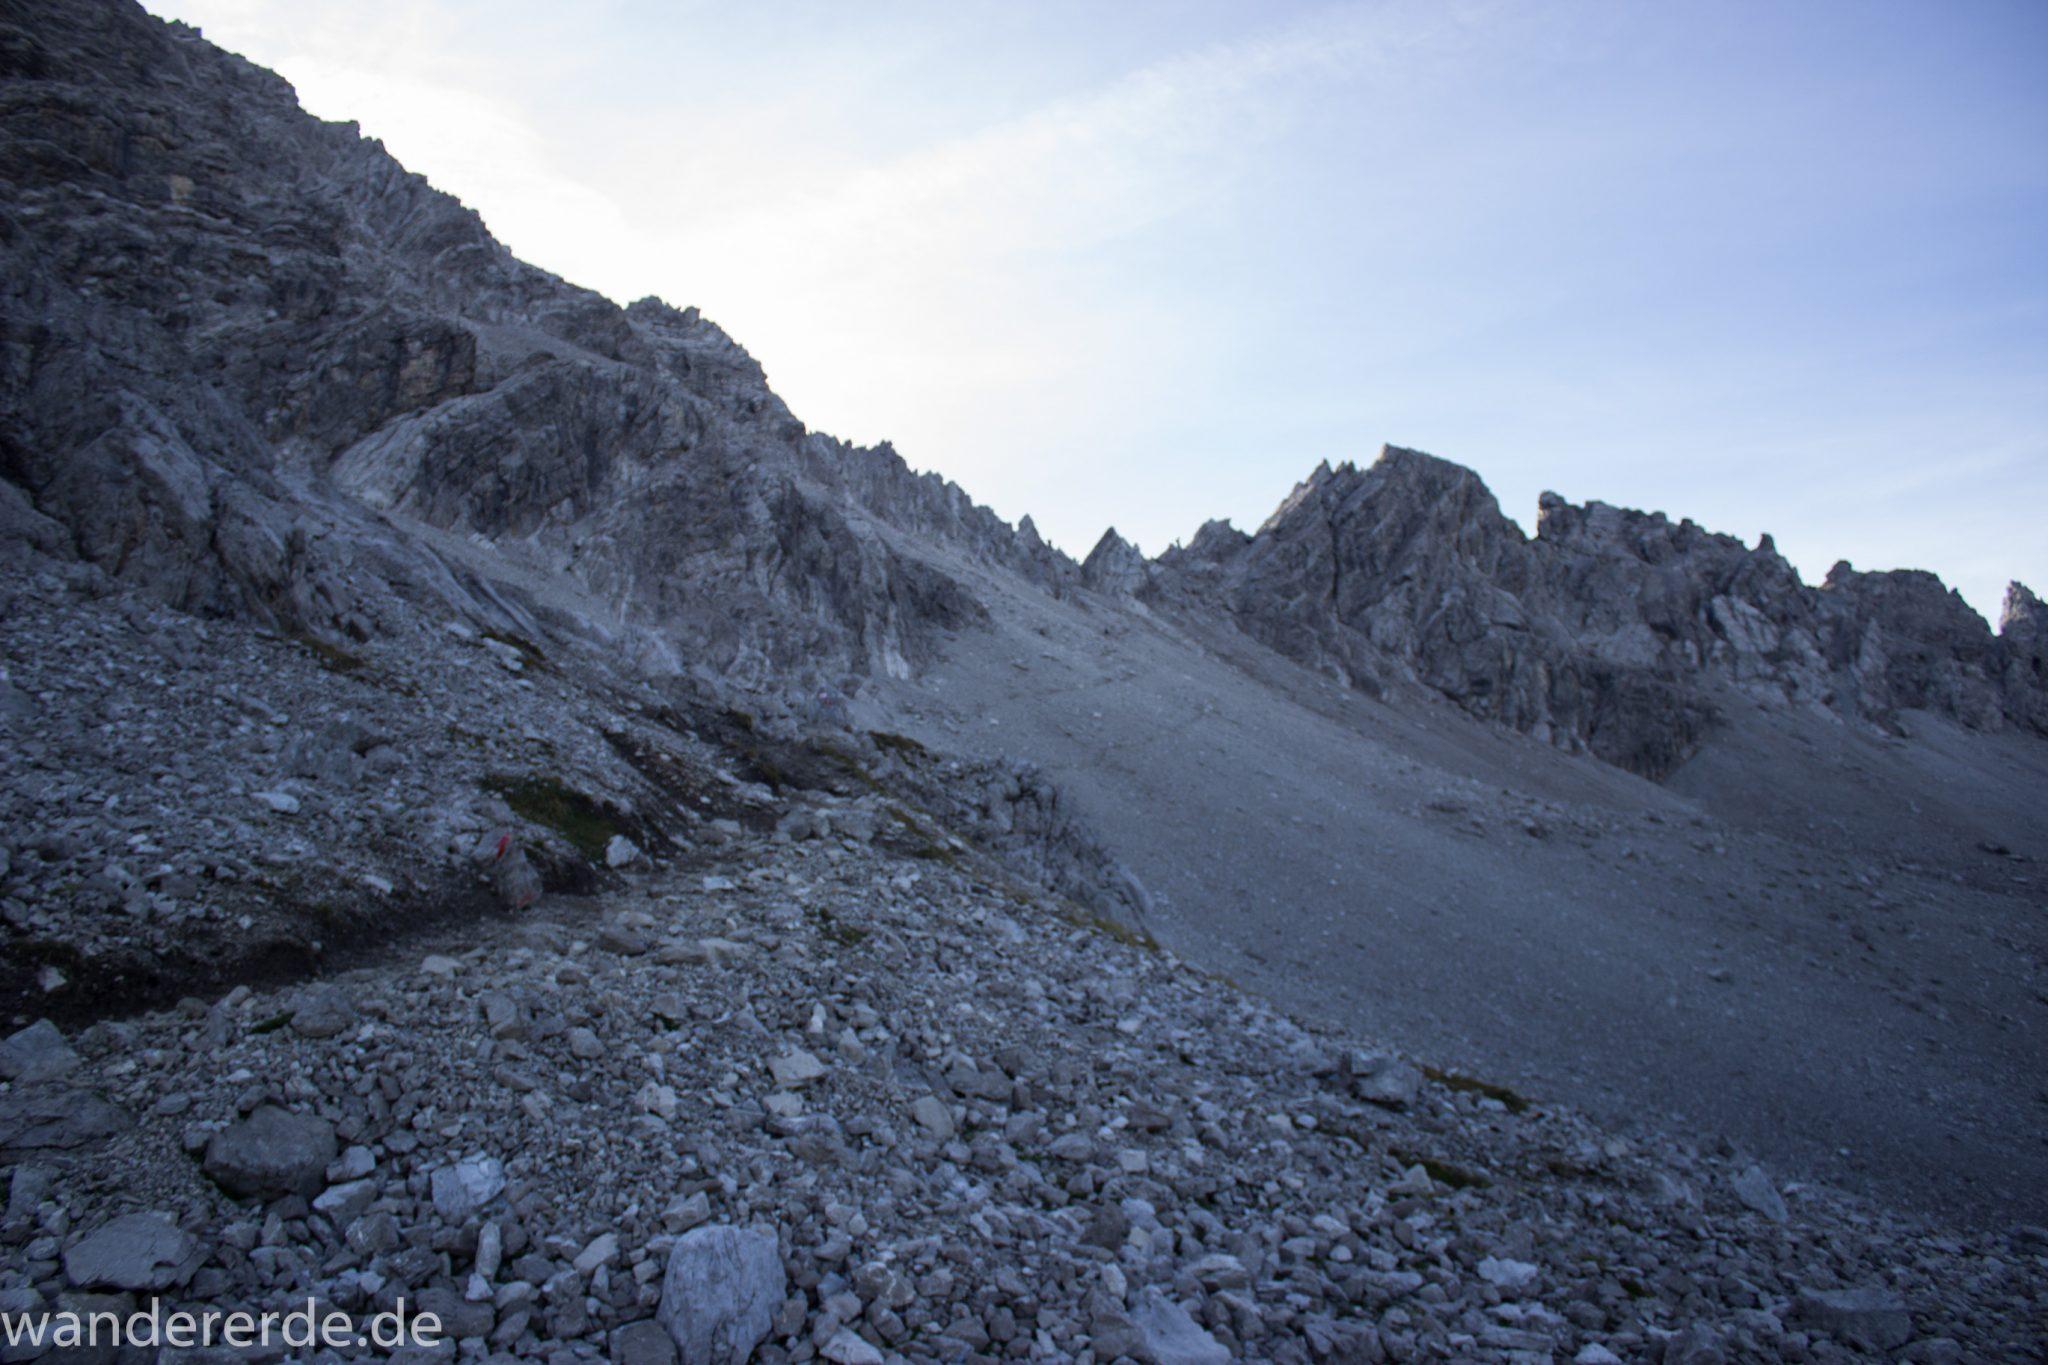 Alpenüberquerung Fernwanderweg E5 Oberstdorf Meran, 3. Etappe von Memminger Hütte zur Skihütte Zams, E5 Wanderweg führt zu Beginn der dritten Etappe ab der Memminger Hütte über steilen und ausgesetzten Wanderweg über die Seescharte, Blick auf sehr schmalen Wanderweg über viel Geröll, Aussicht auf Berge der Alpen